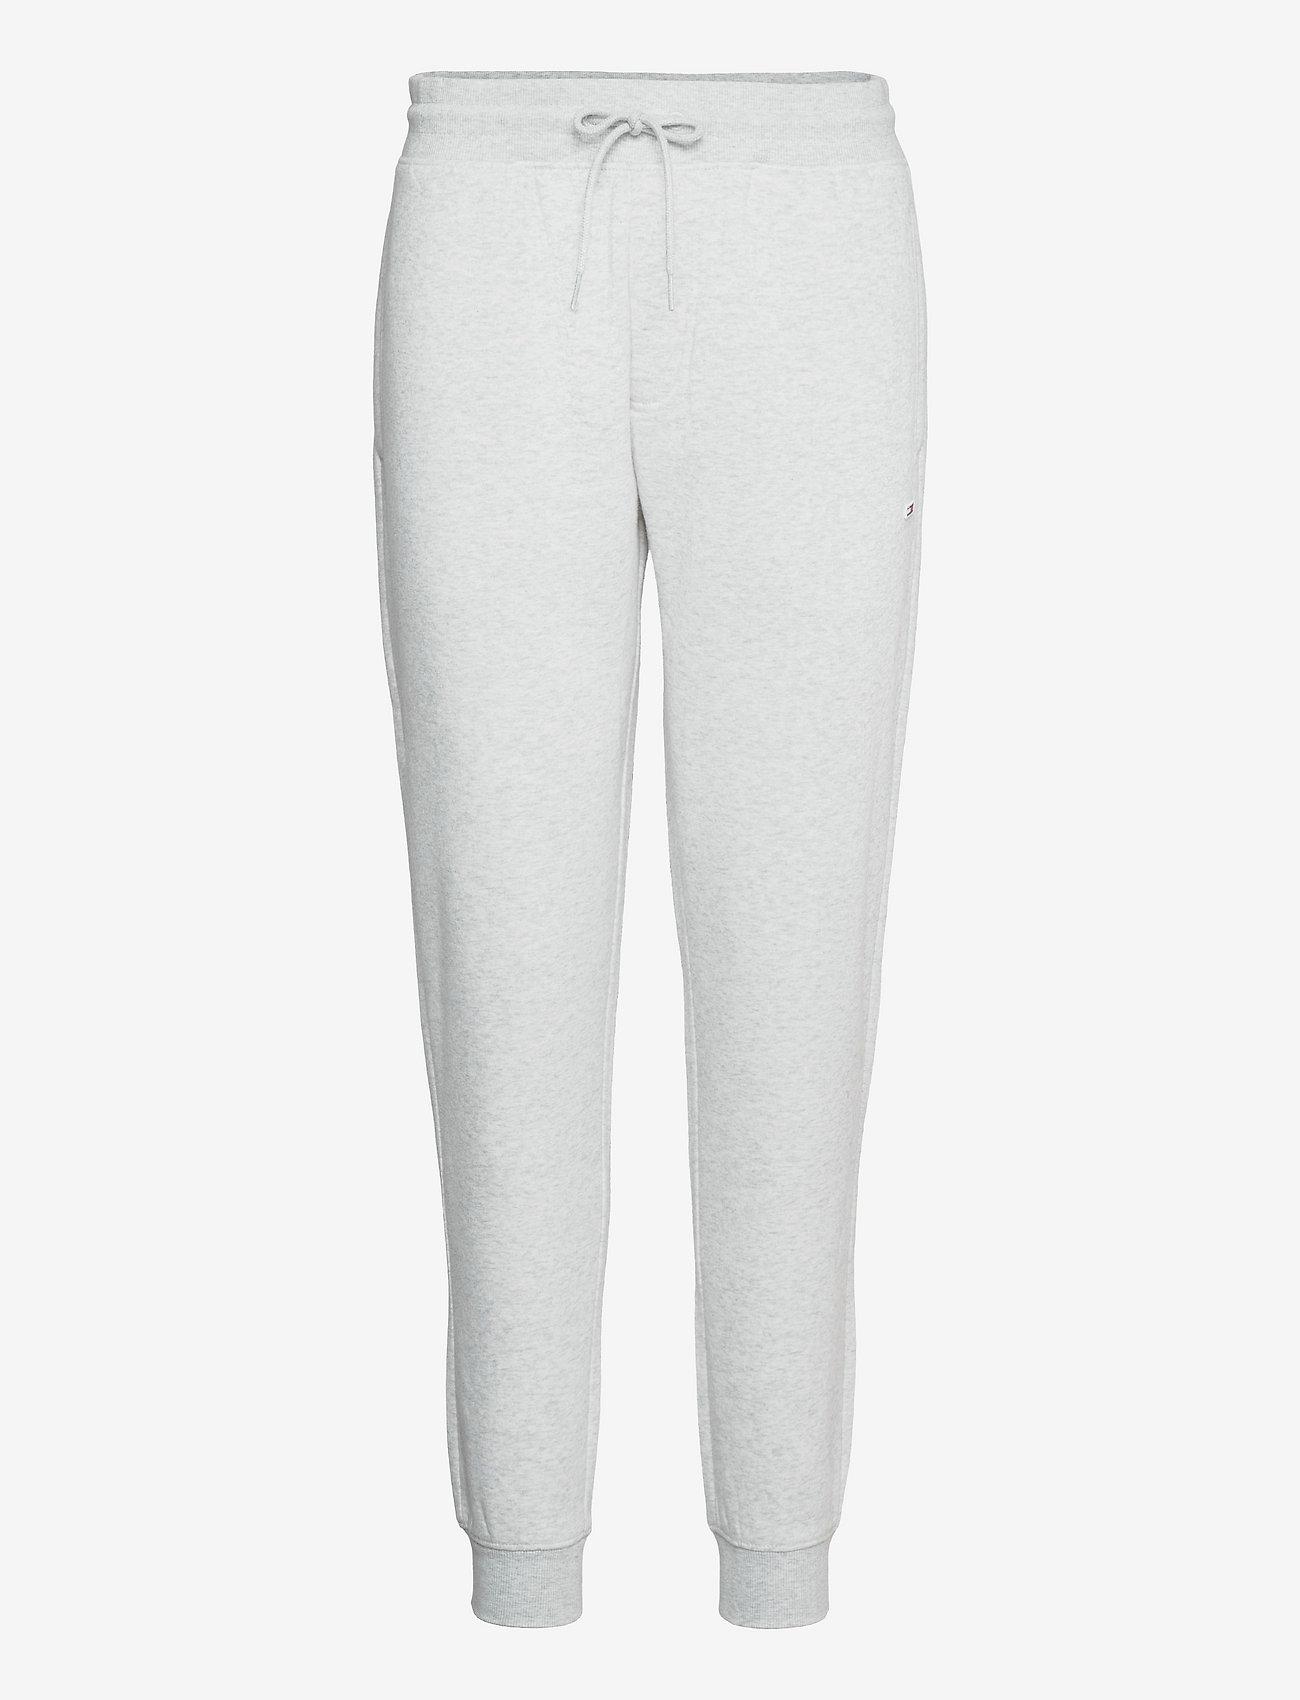 Tommy Jeans - TJM SLIM FLEECE SWEATPANT - kläder - silver grey htr - 0